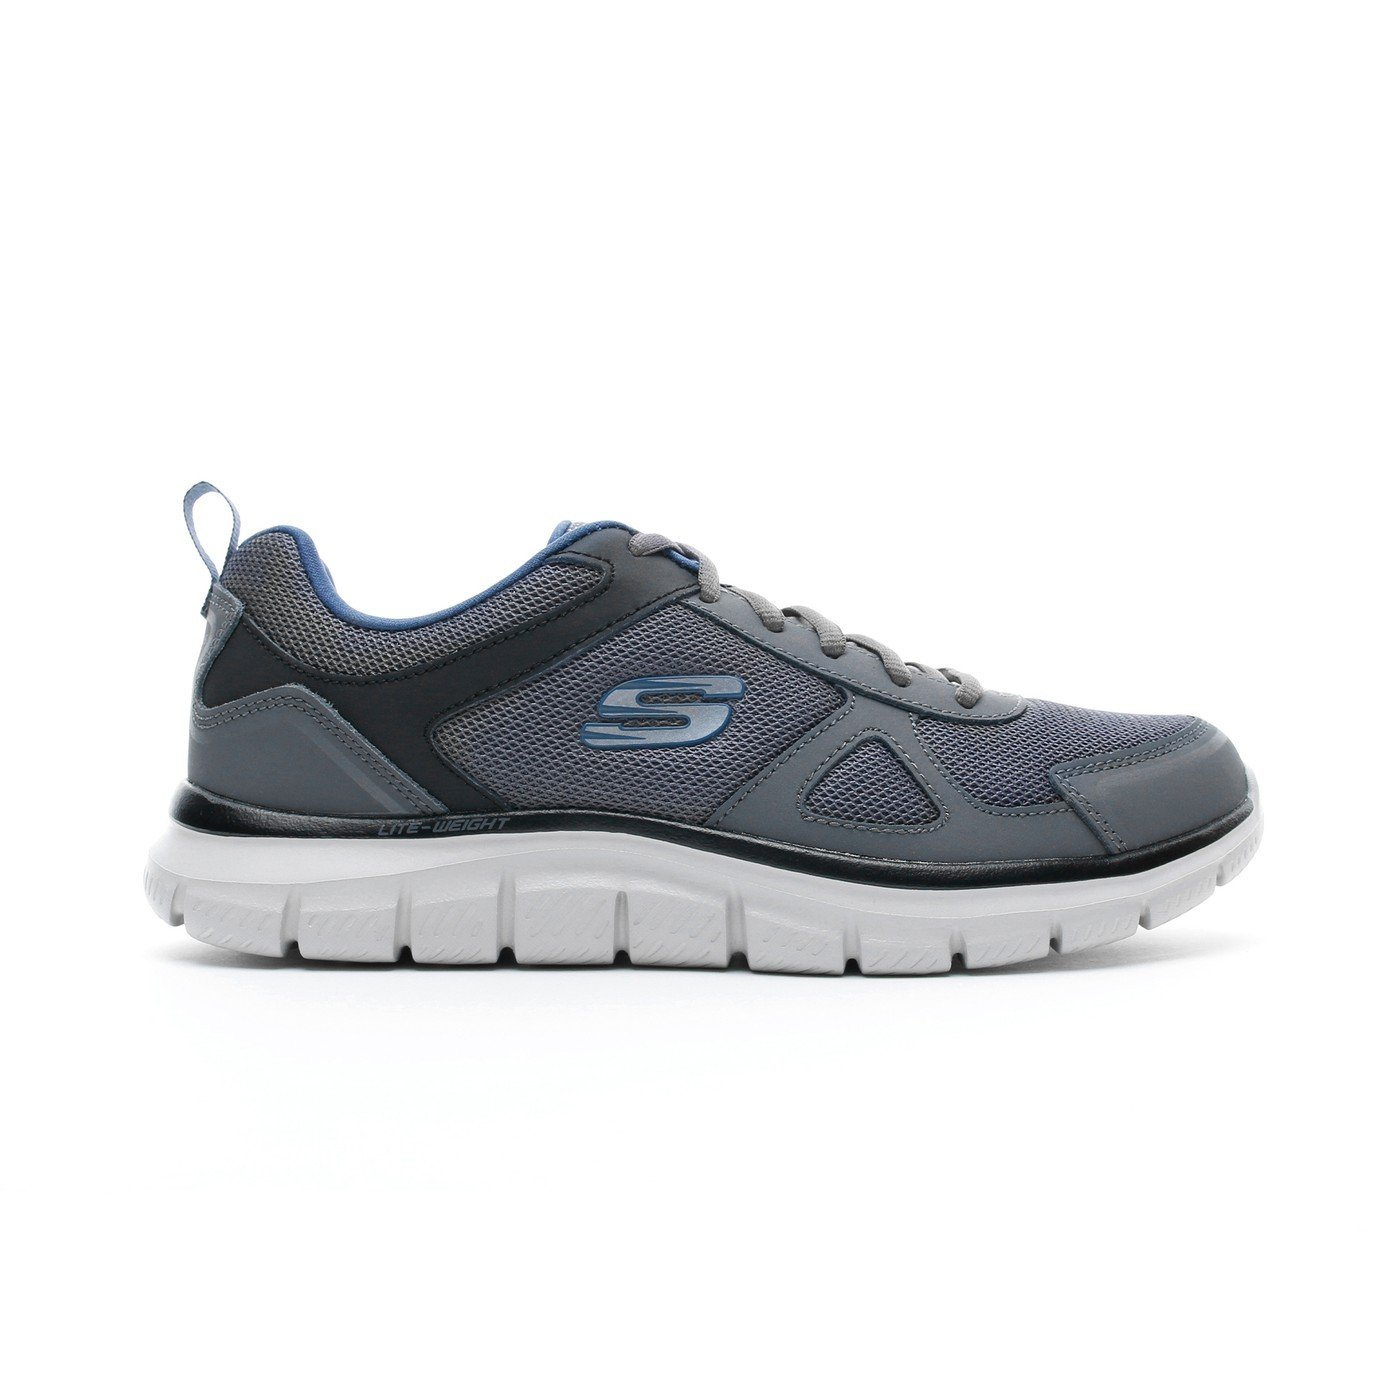 Skechers Track Gri Erkek Spor Ayakkabı